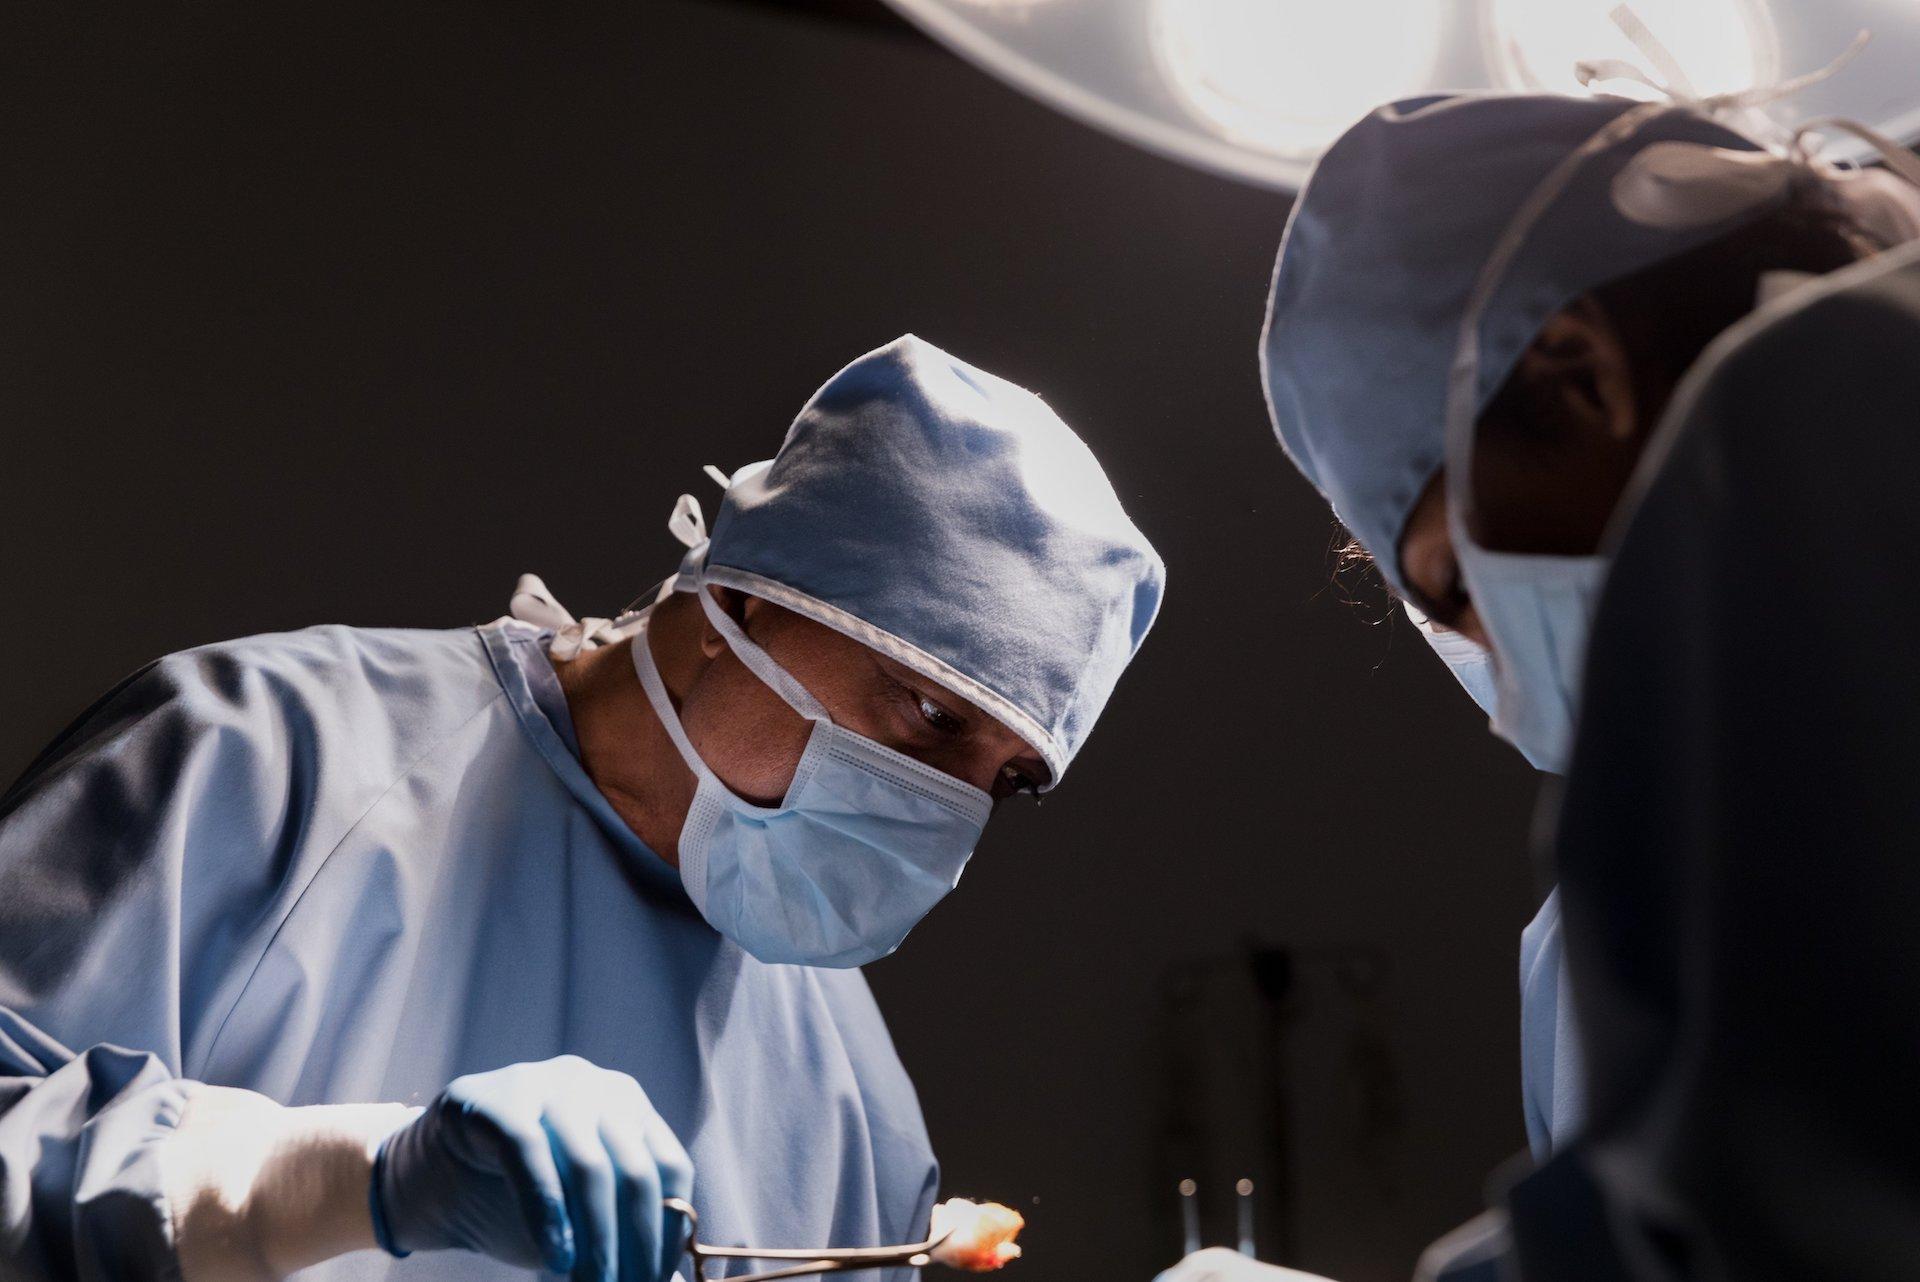 Chirurgie esthétique mammaire, à la recherche du bien-être